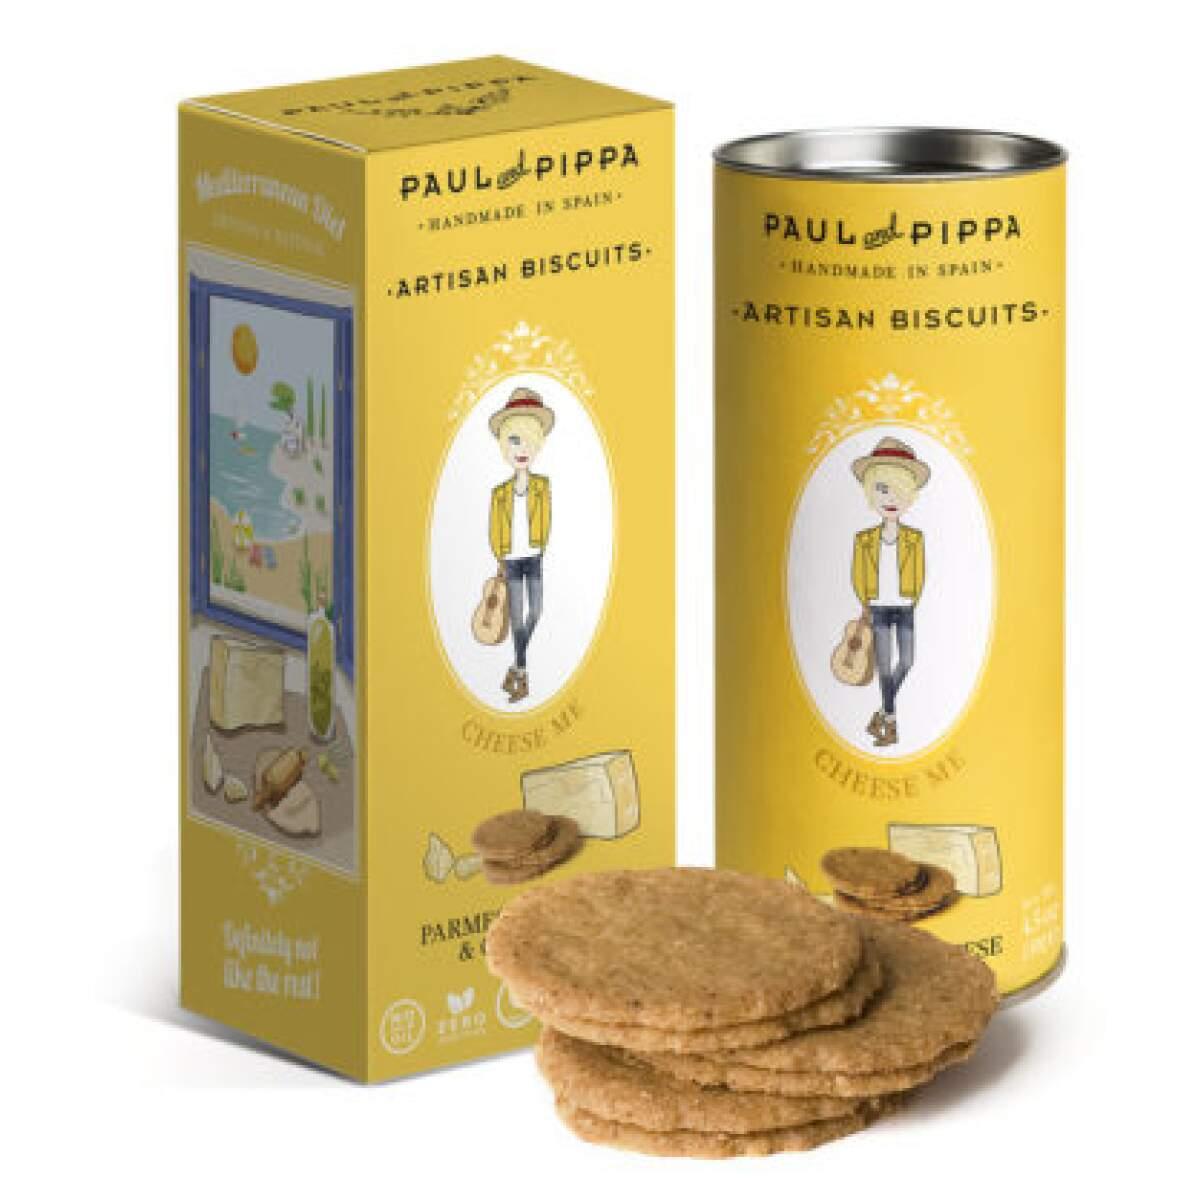 Parmesancrackers